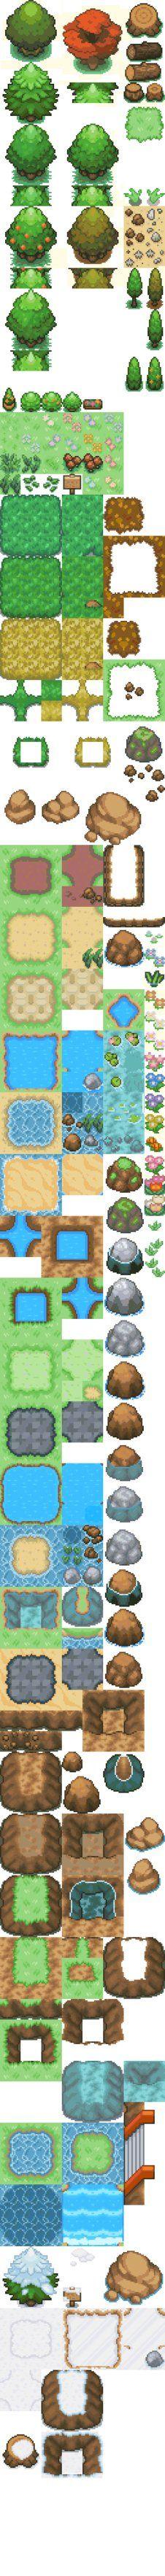 tileset pokemon RPGMAKER XP by kutoal on deviantART | Game